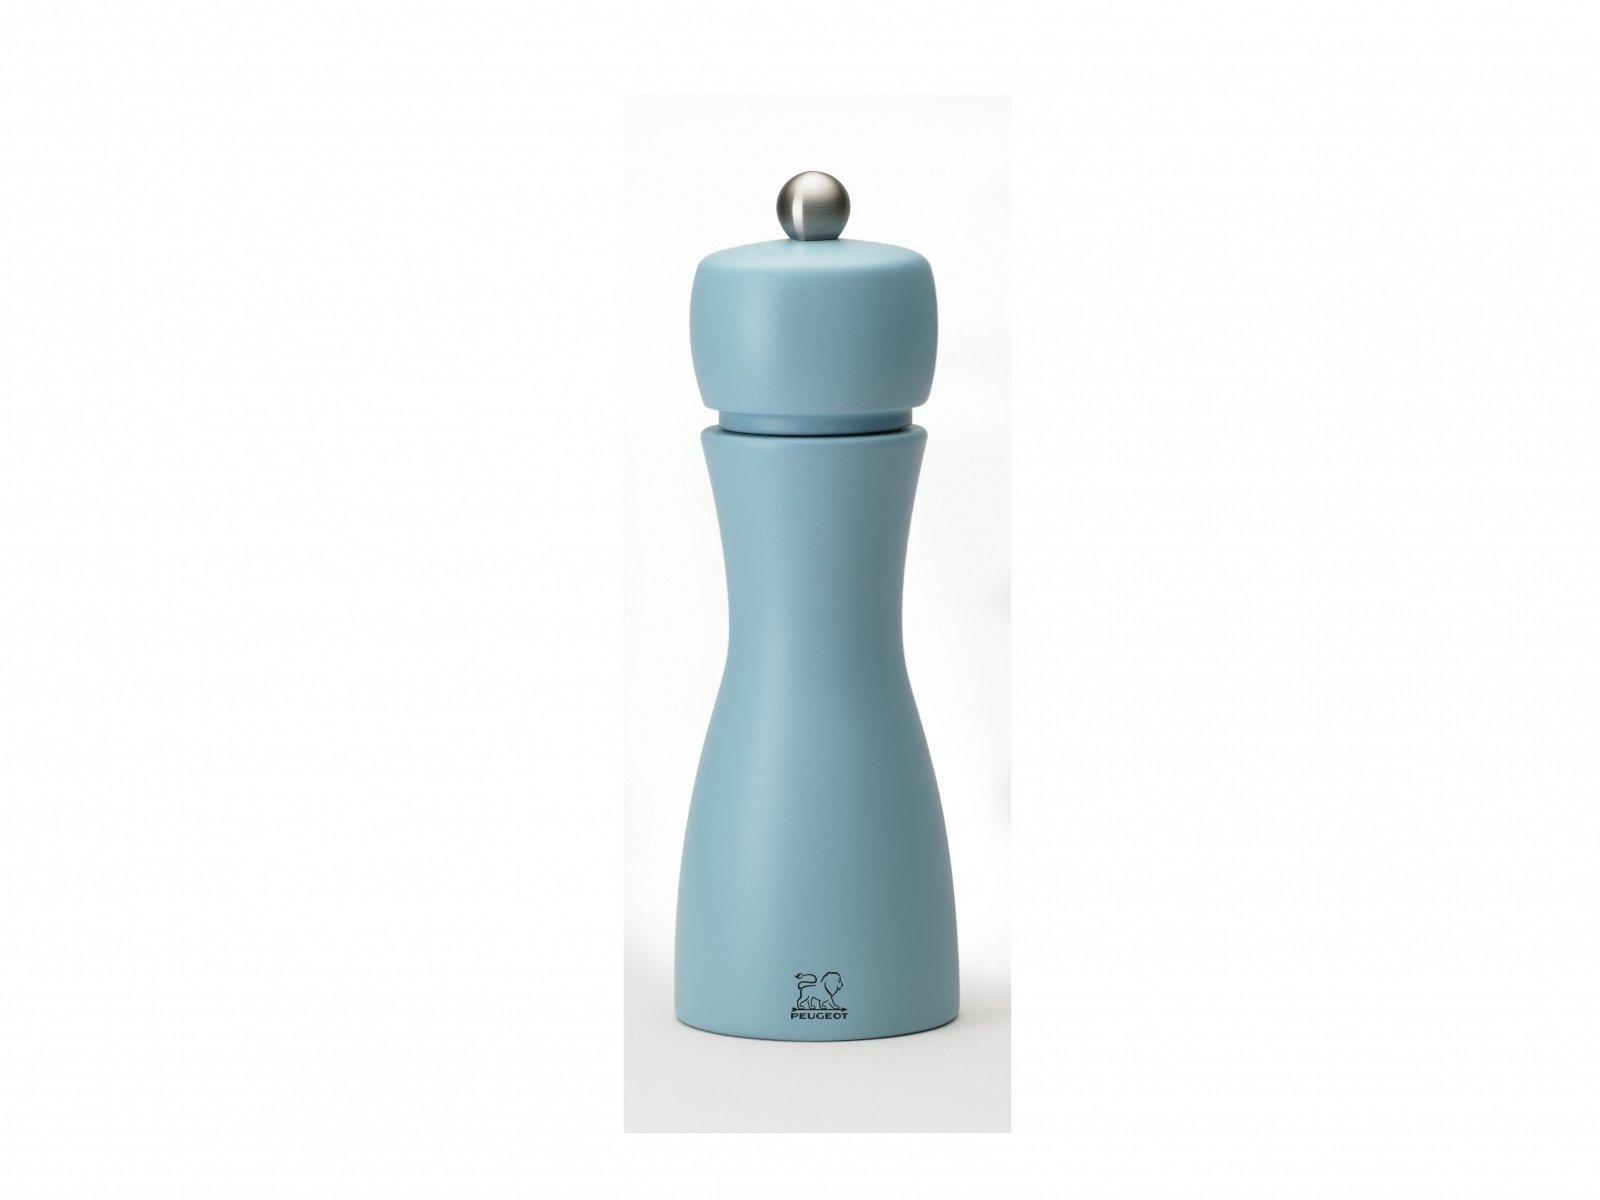 Мельницы Tahiti Peugeot для соли и перца, 15 см, голубой+синий (набор)